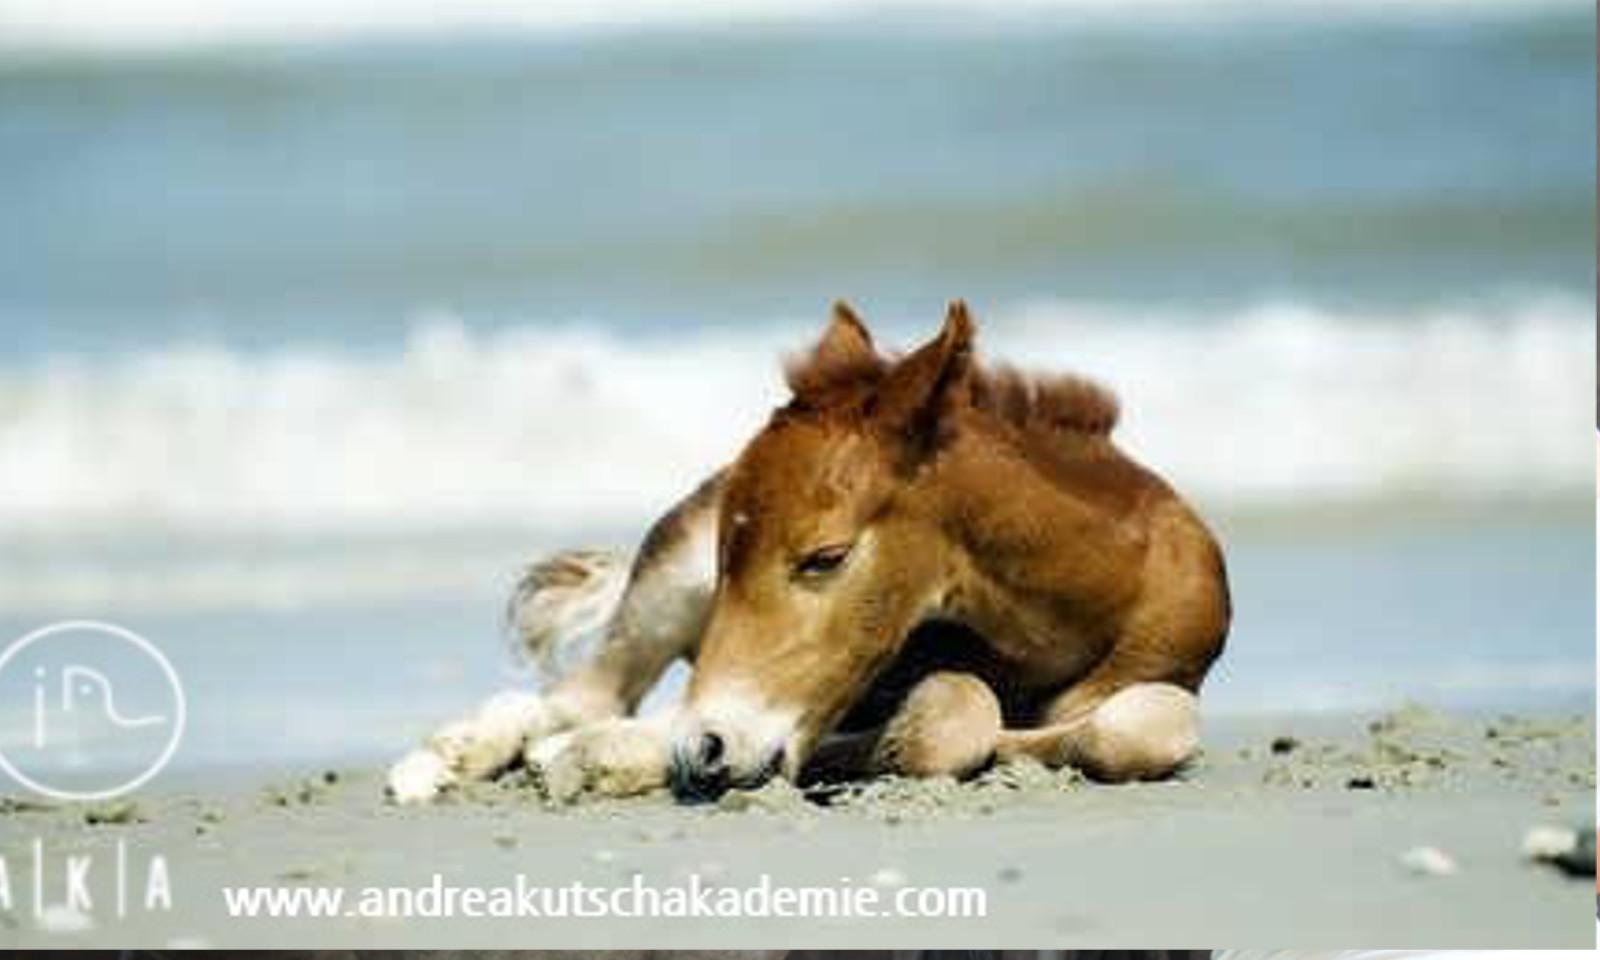 schlaf von pferden beeinflusst deren leistung